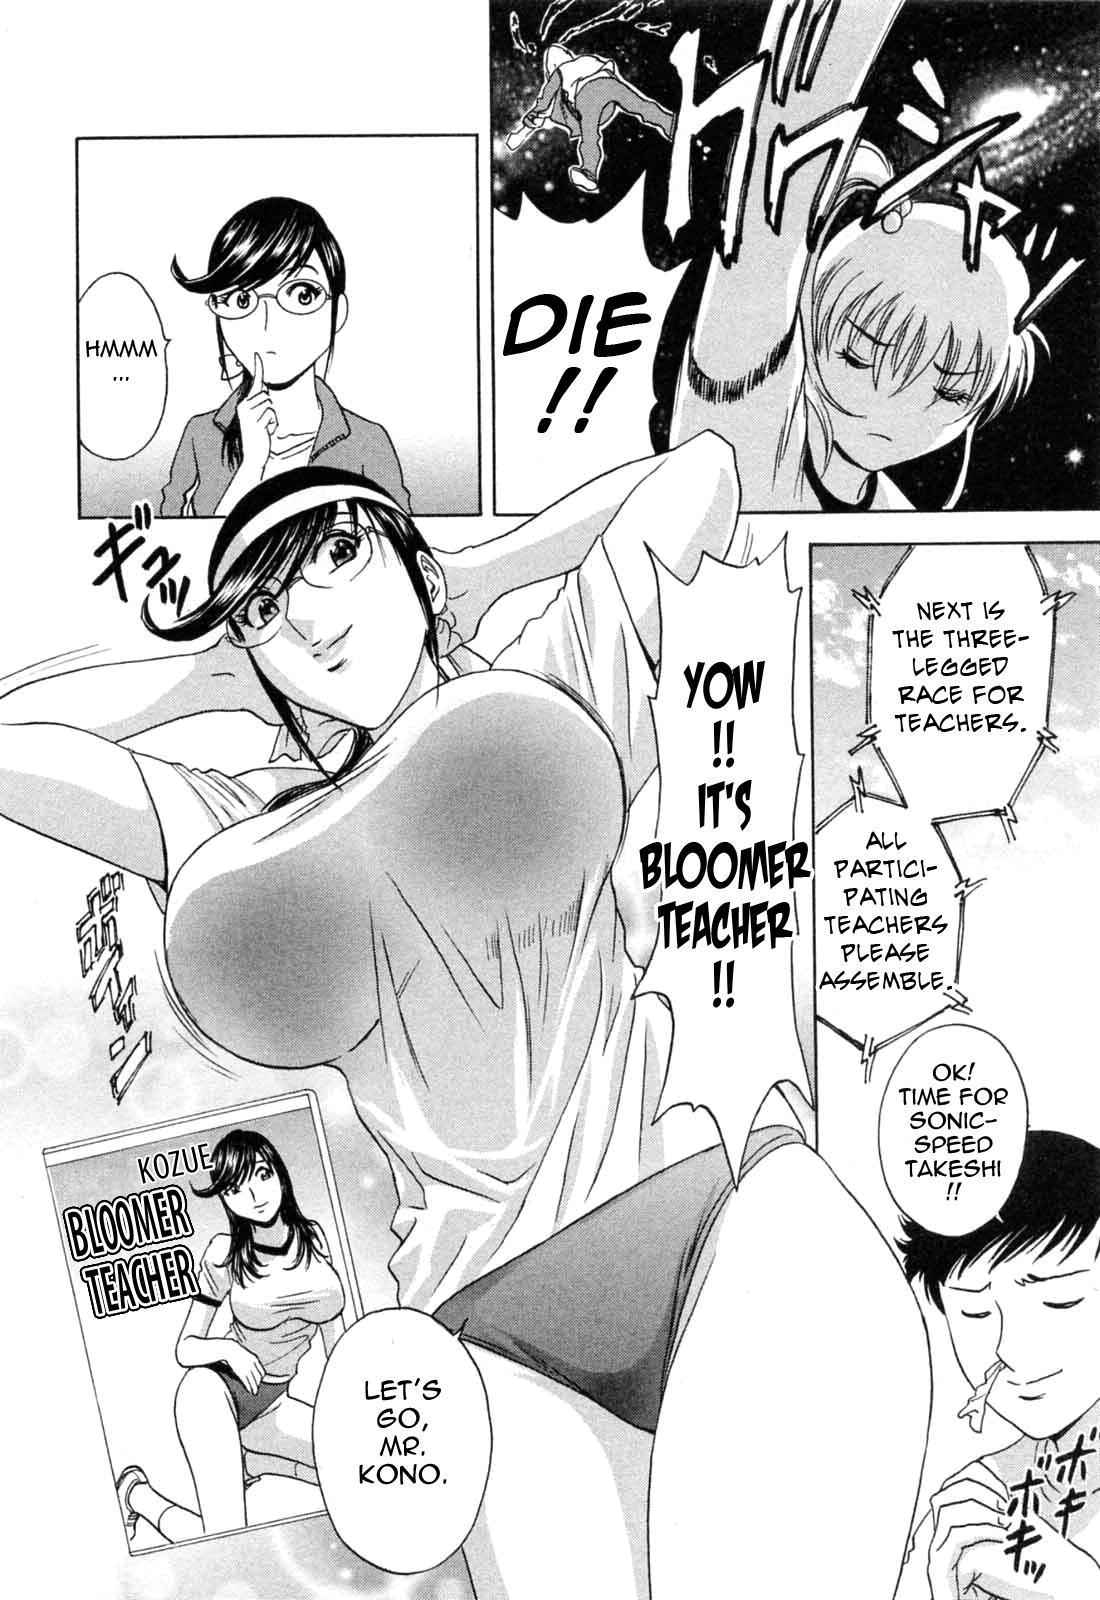 [Hidemaru] Mo-Retsu! Boin Sensei (Boing Boing Teacher) Vol.5 [English] [4dawgz] [Tadanohito] 154